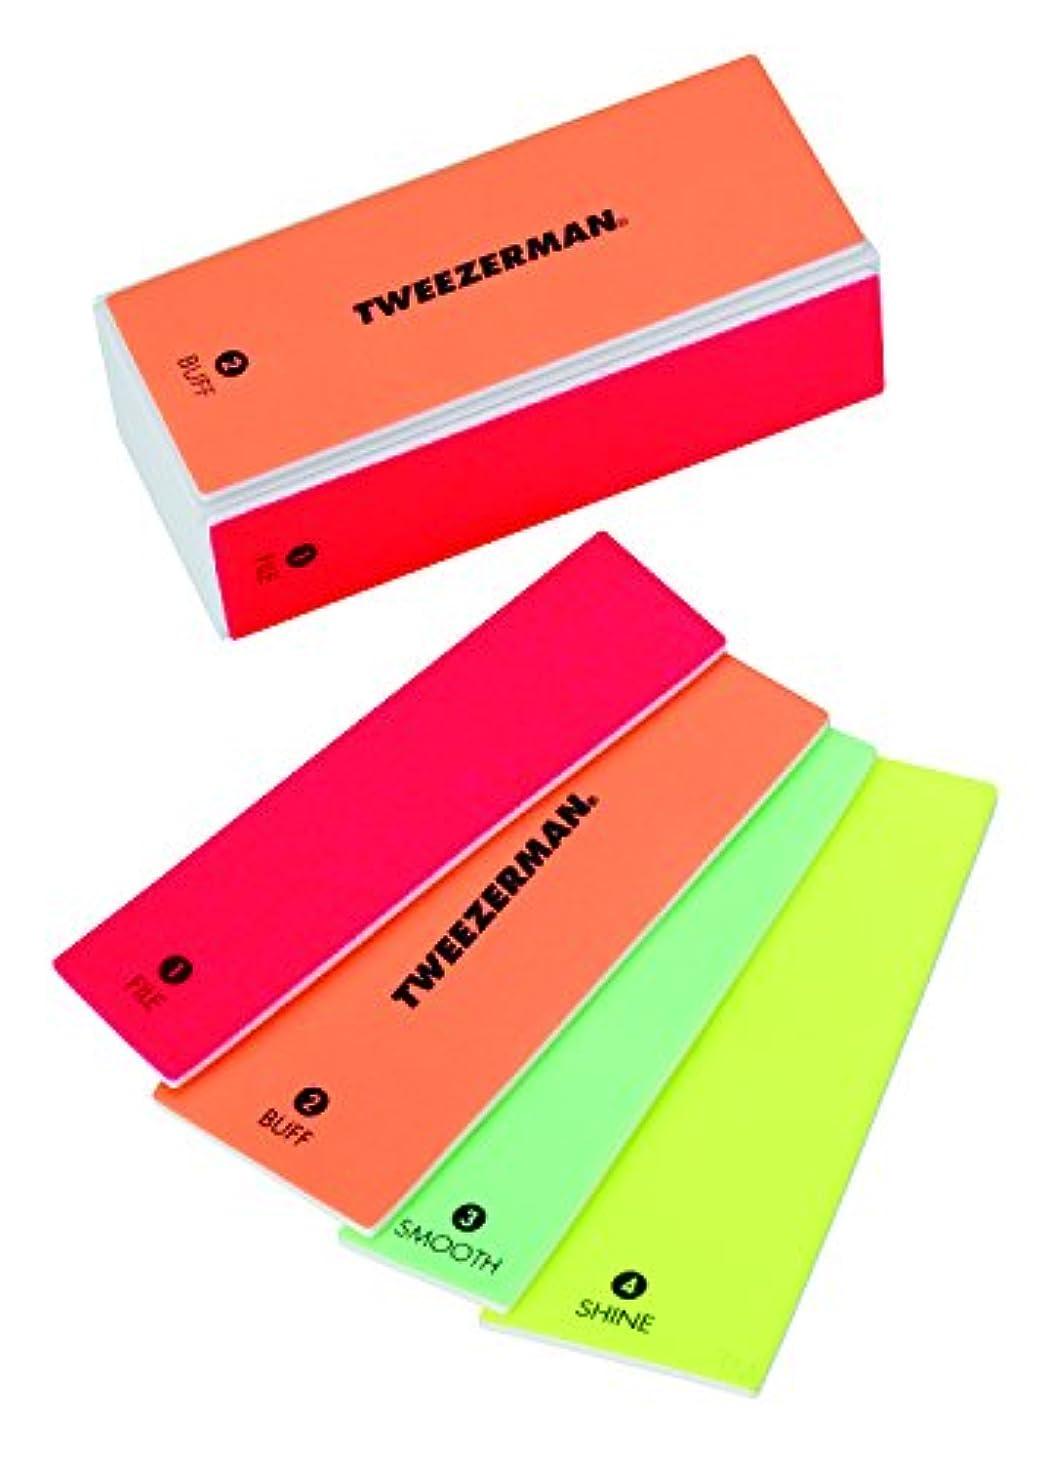 タンザニア言うまでもなくランデブーツィーザーマン Neon Hot 4 In 1 File, Buff, Smooth & Shine Block -並行輸入品